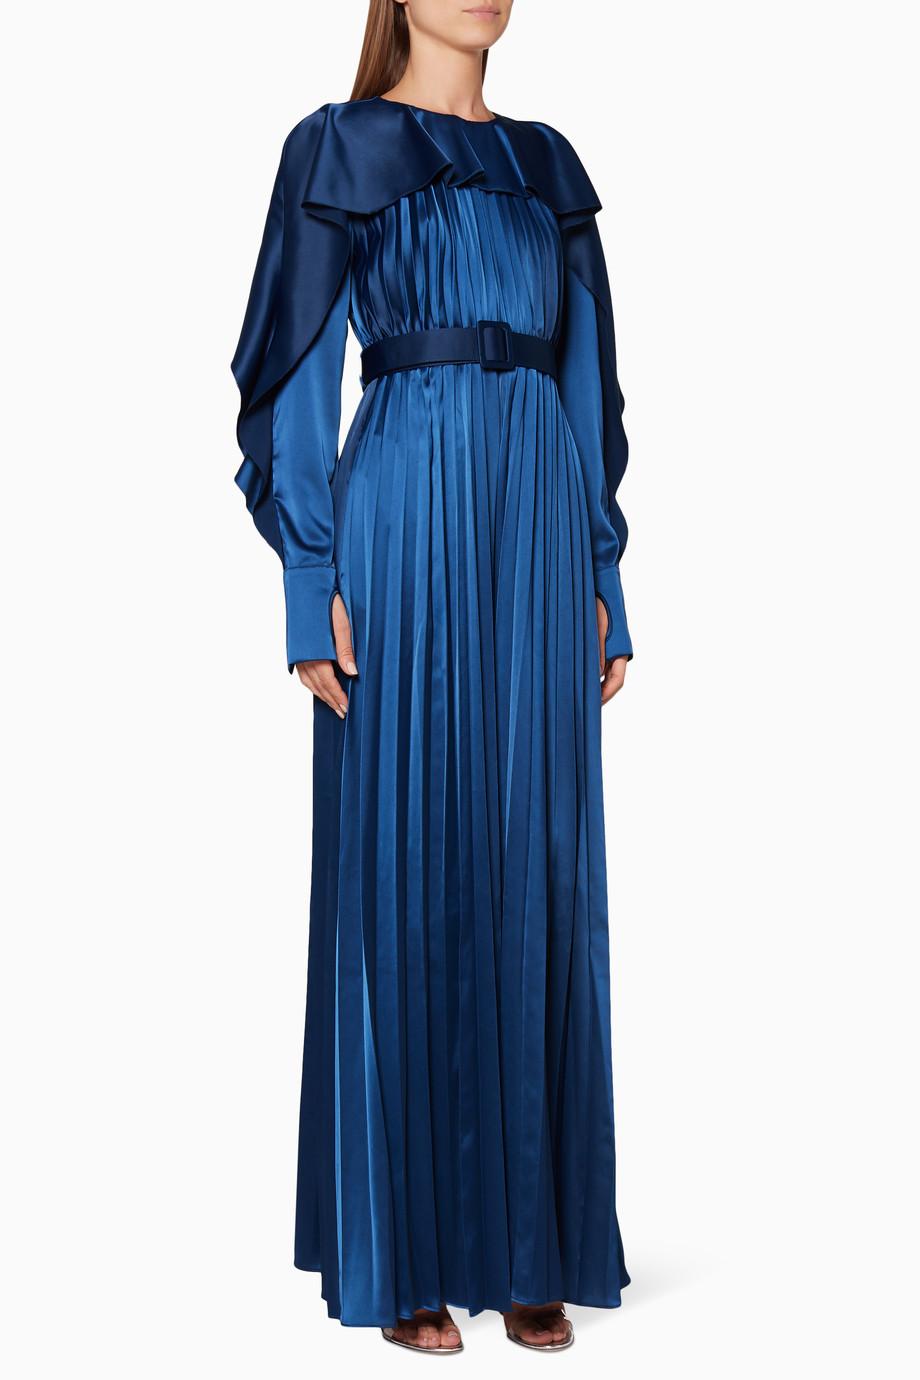 6395deb91c Shop Self-Portrait Blue Navy Pleated Frill Jumpsuit for Women